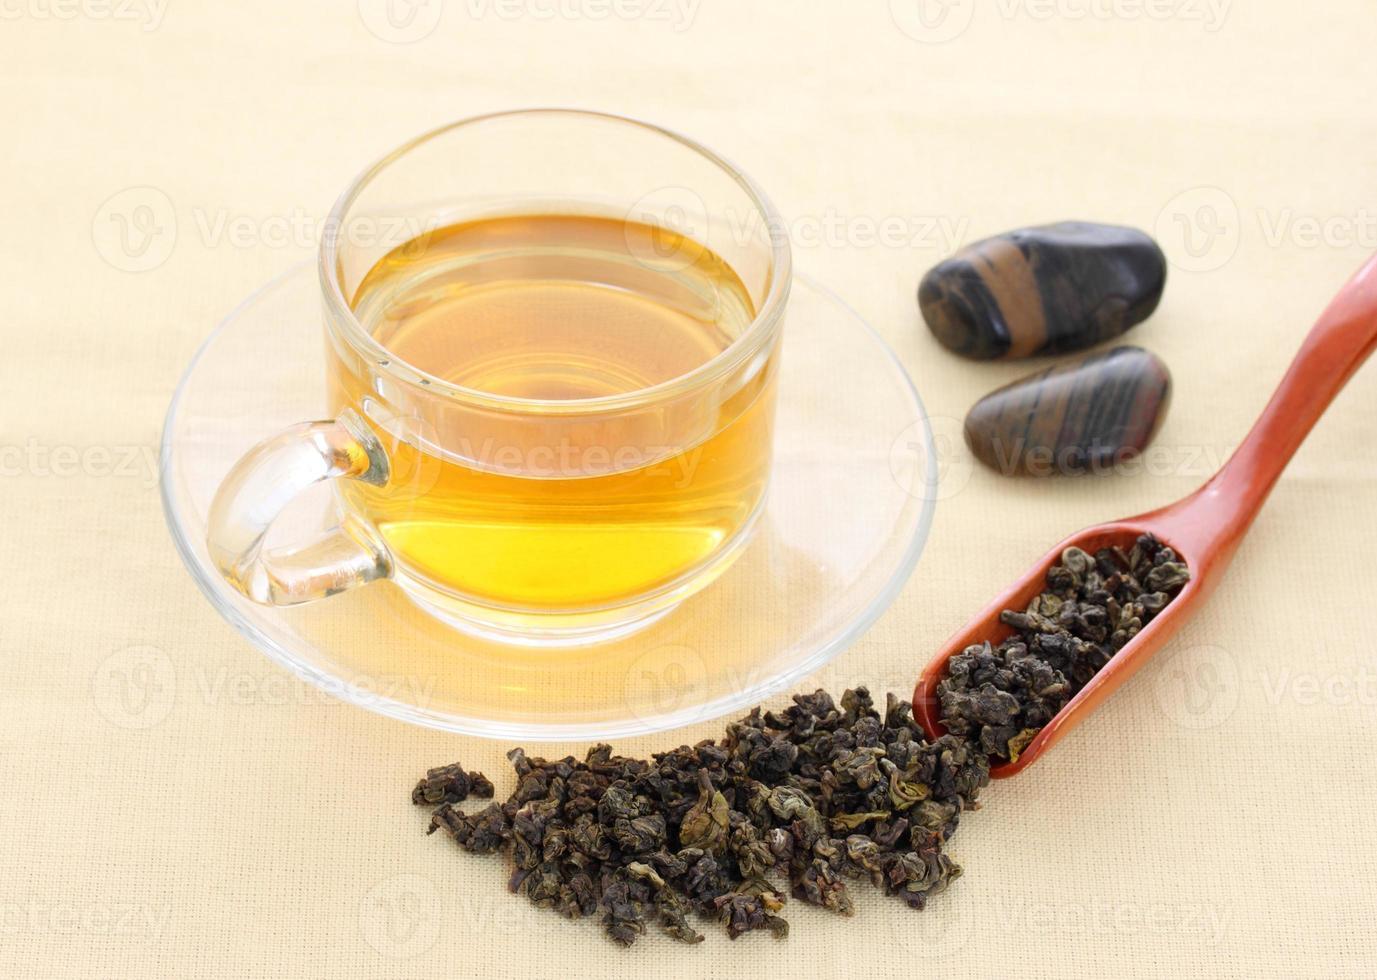 tazza con tè verde foto